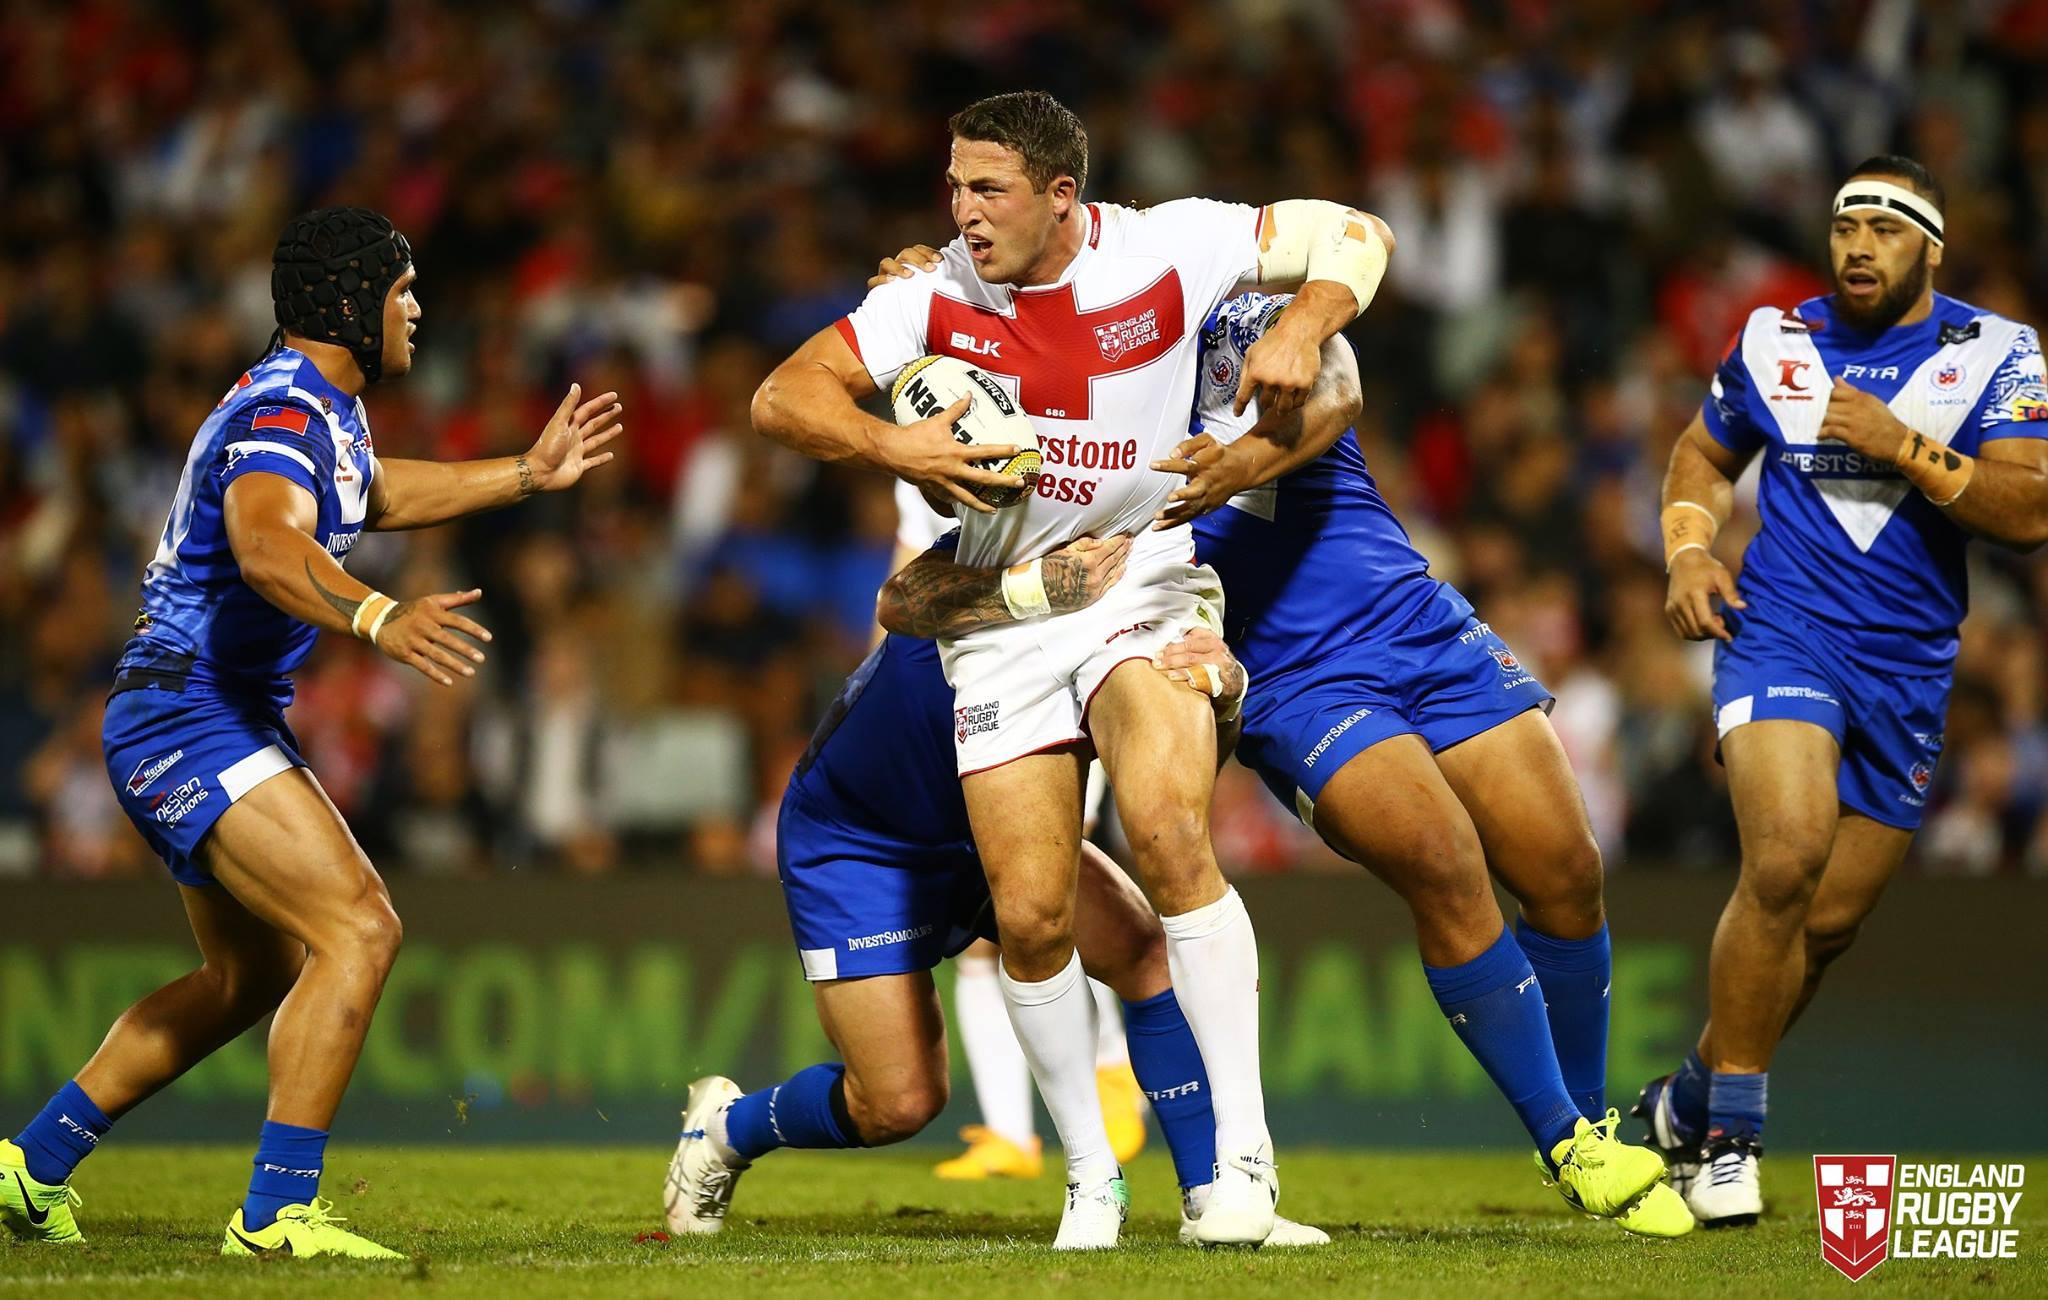 England too strong for Samoa